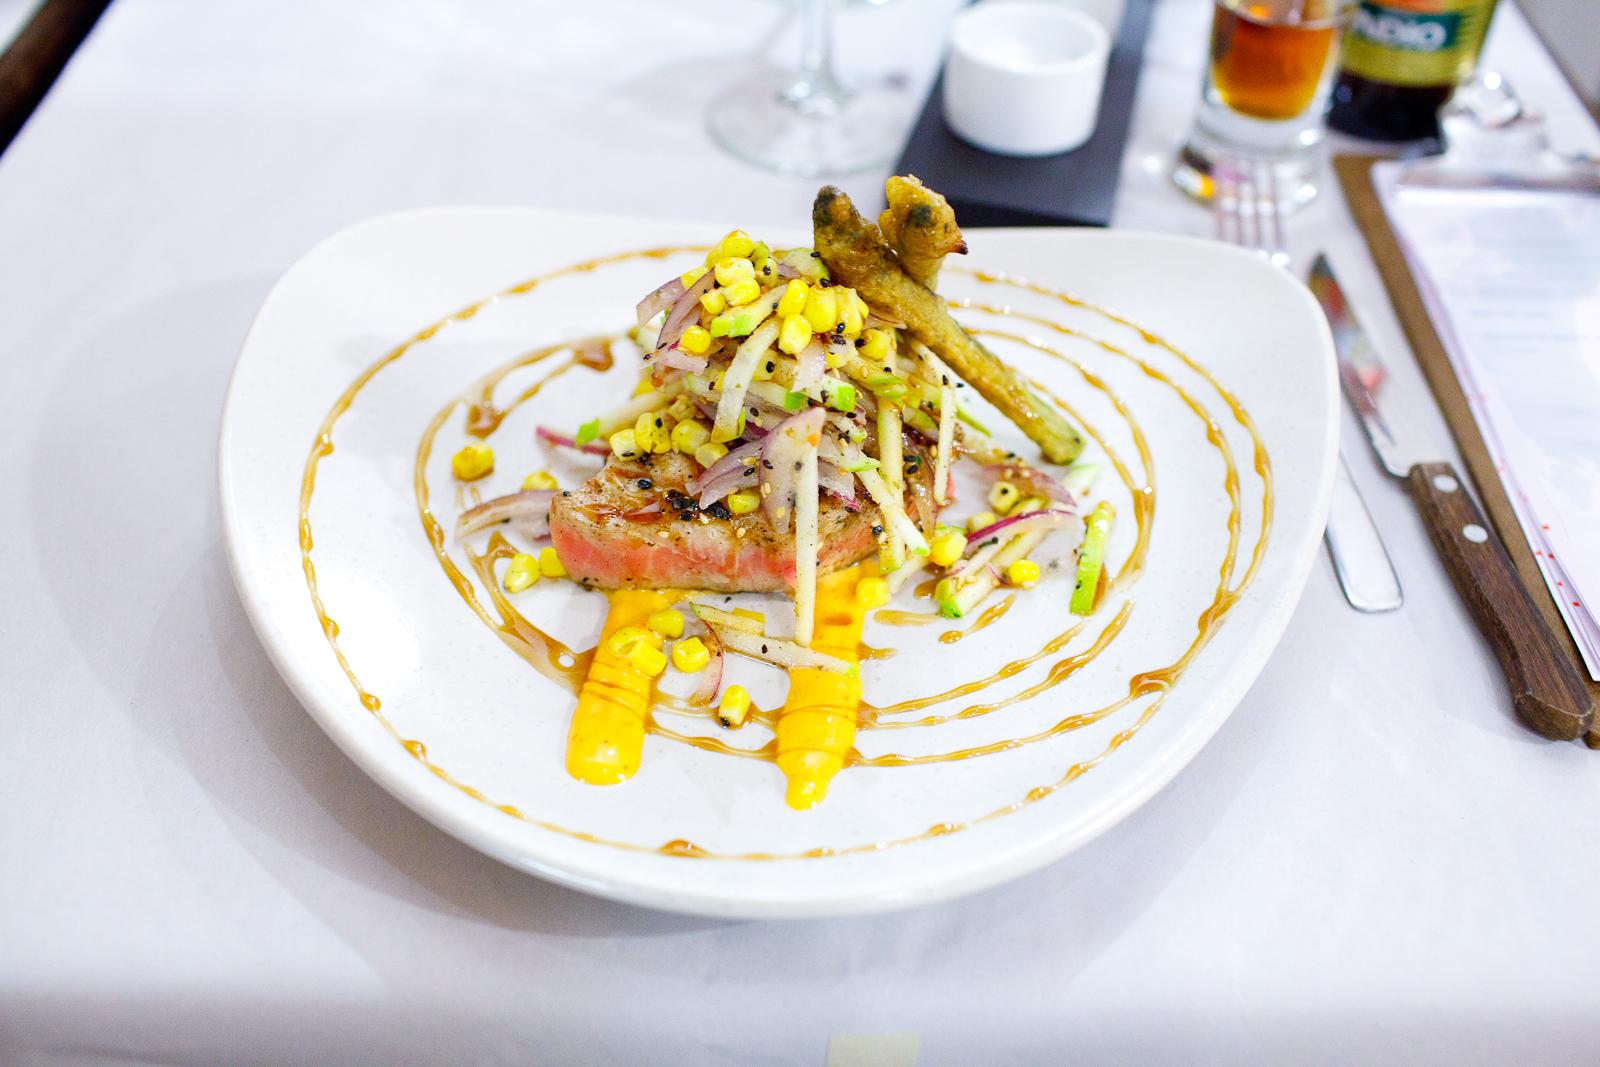 Atún sellado, ensalada de manzana, espárrago y salsa anguila (Seared tuna steak, apple salad, asparagus, and eel sauce) ($150 MXP)